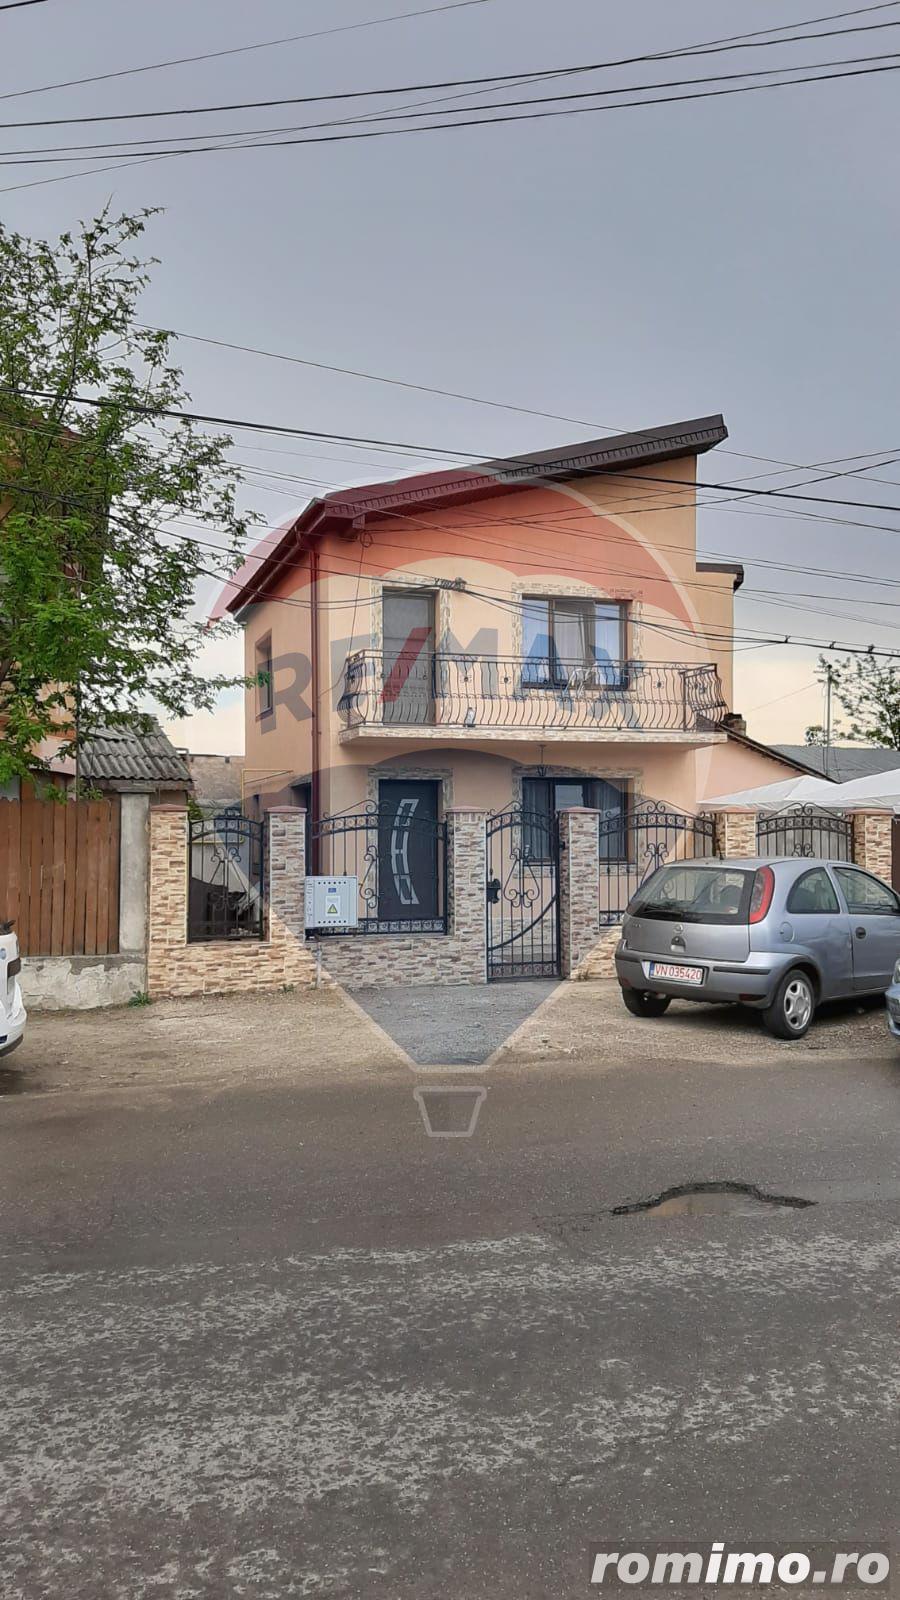 Casă / Vilă cu 4 camere de vânzare în zona Vest